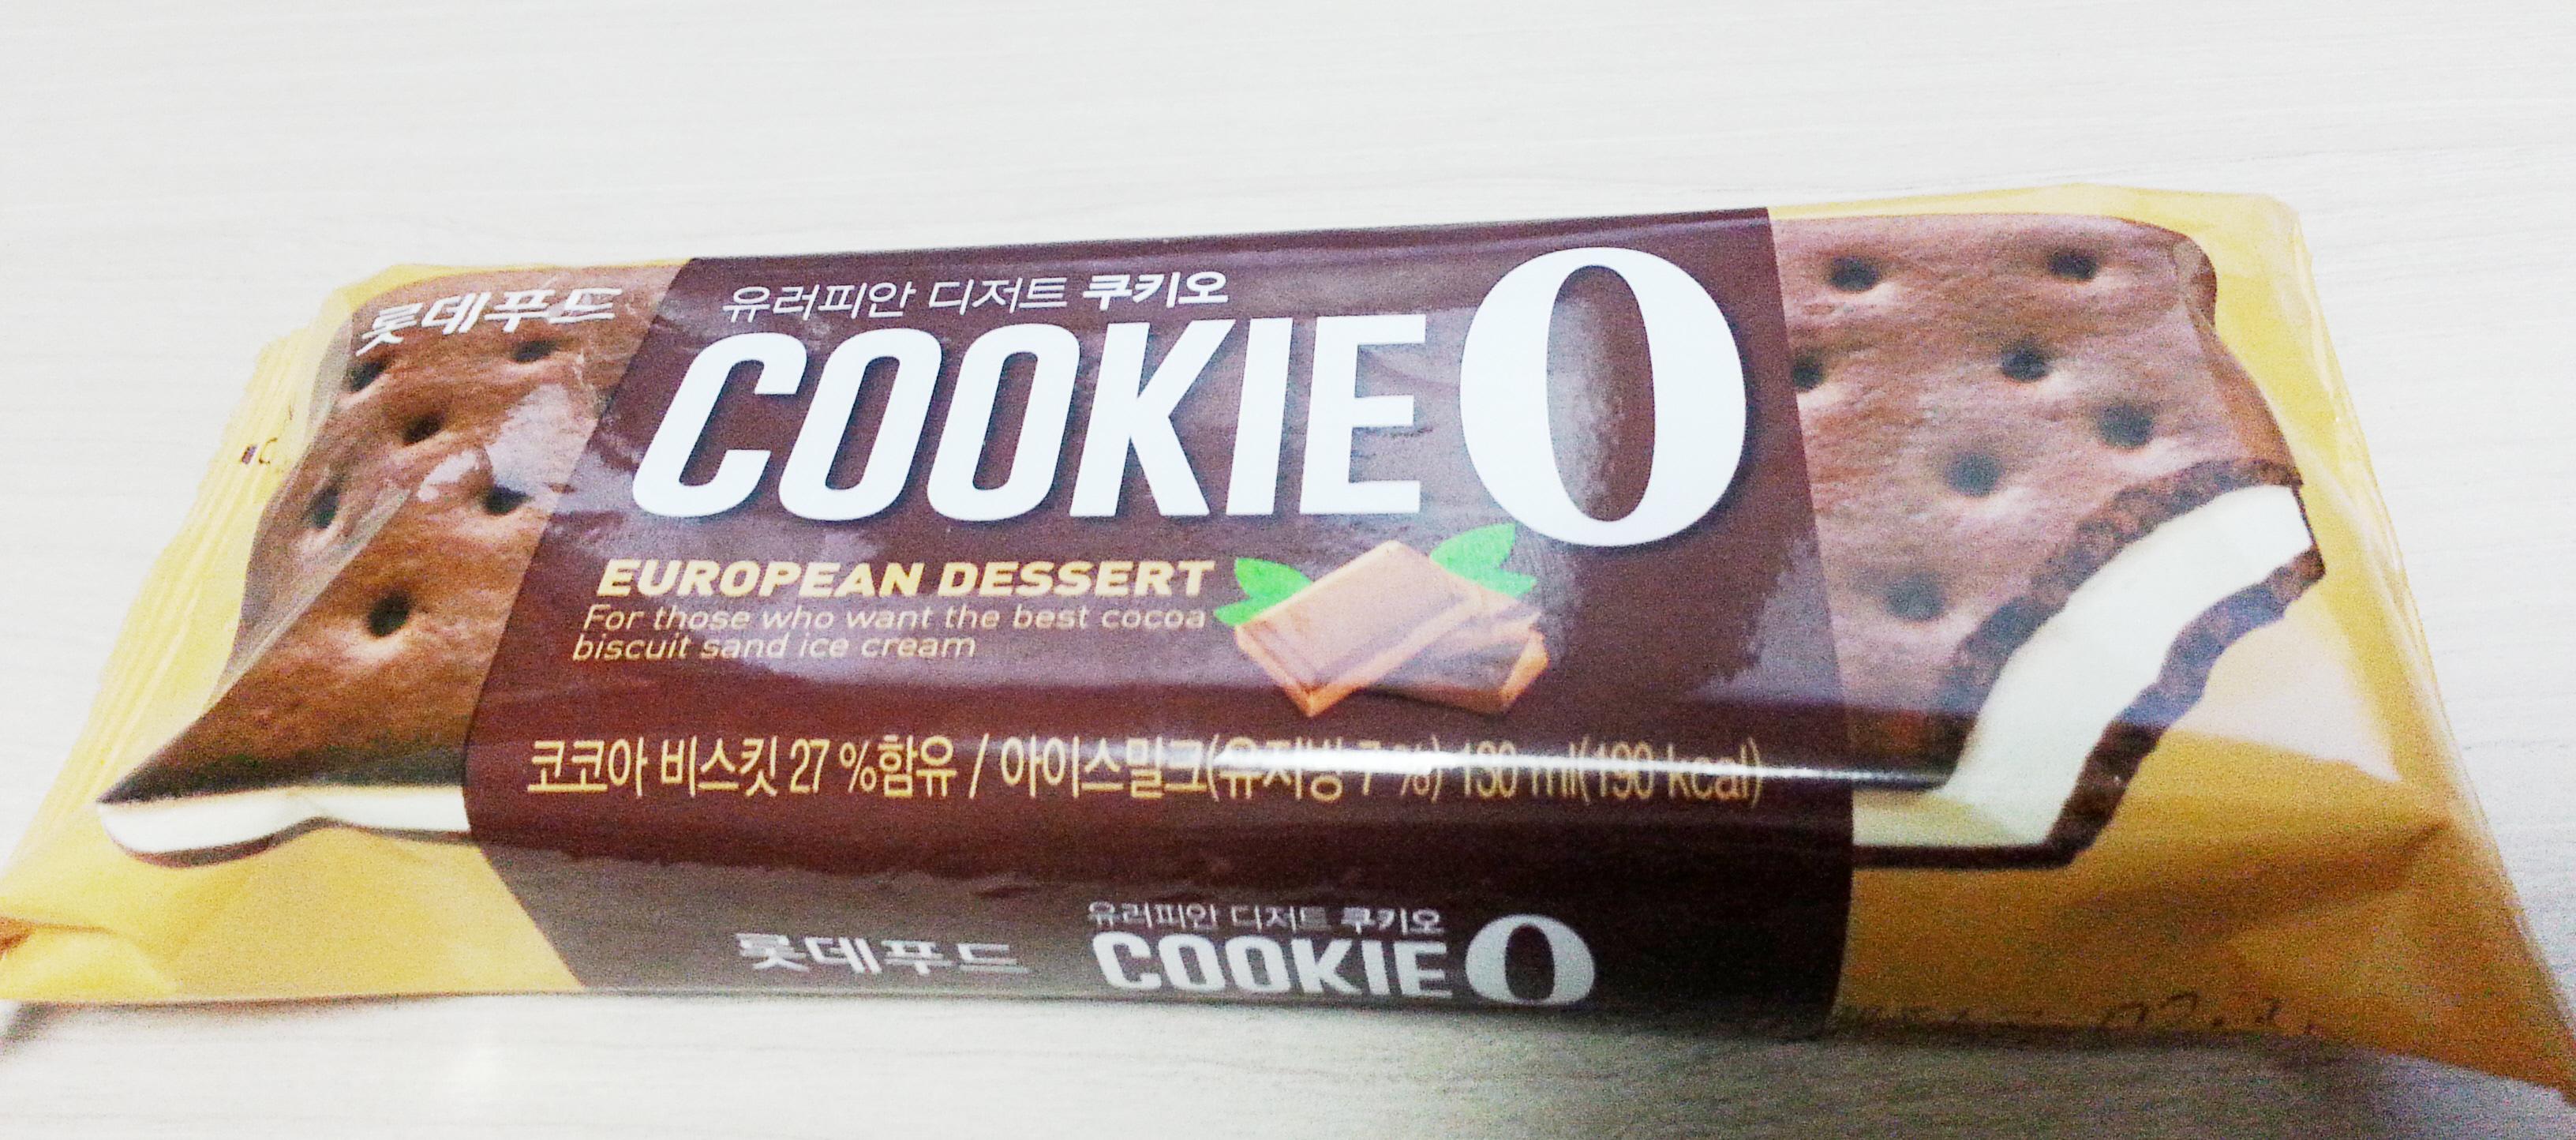 [아이스크림,롯데리아] 쿠키오, 치즈스틱